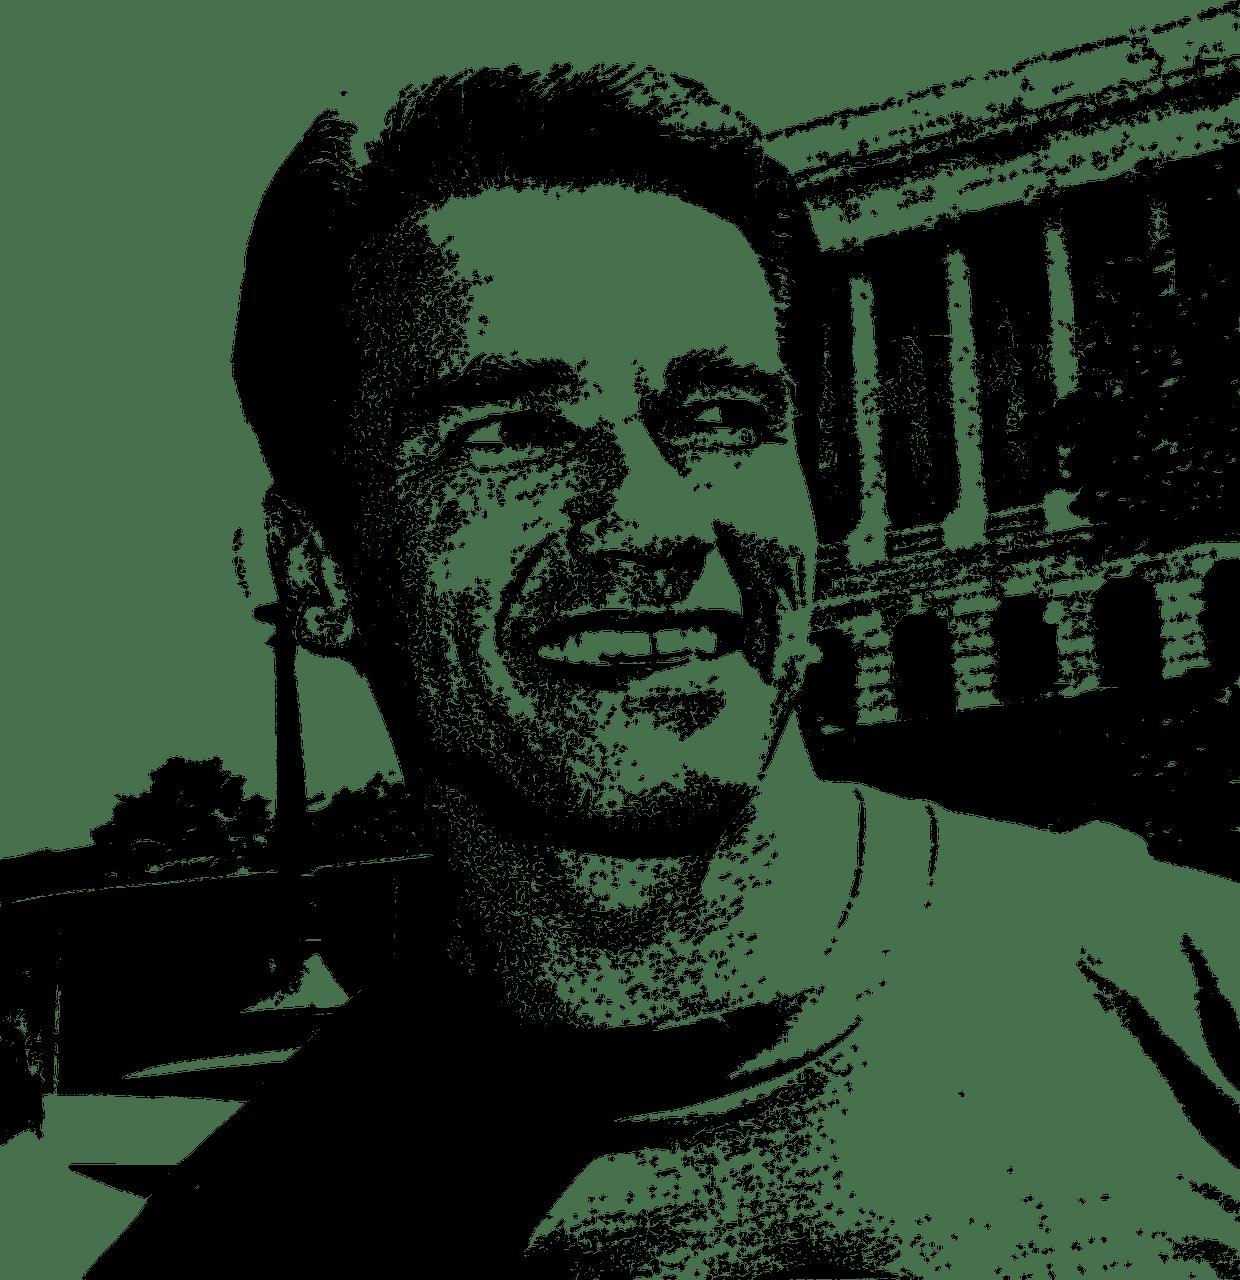 https://pixabay.com/vectors/arnold-schwarzenegger-movie-actor-3557975/